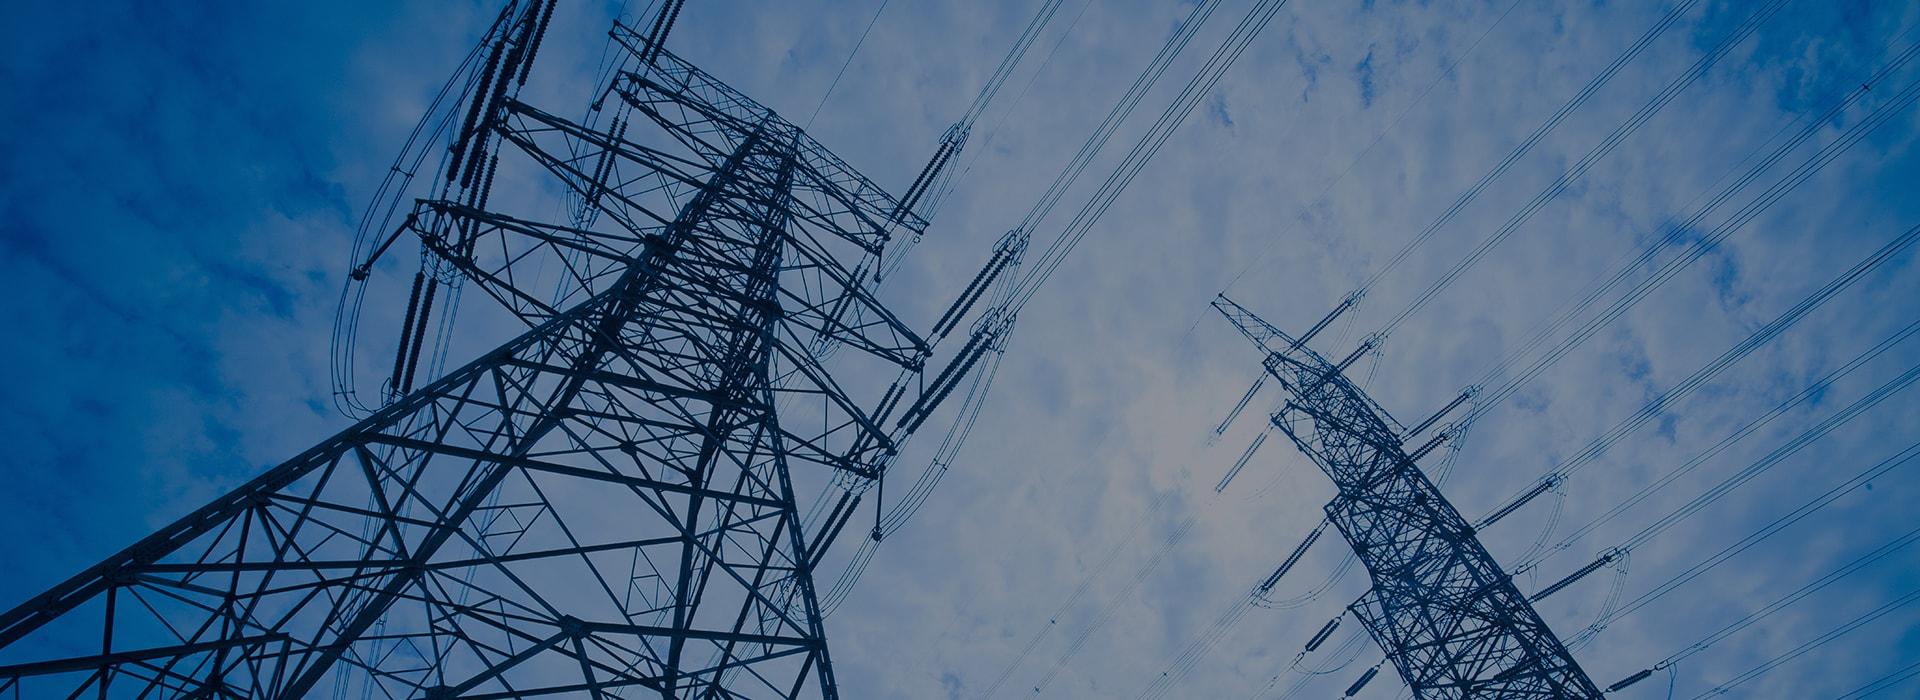 Прайс на электромонтажные работы 2017 скачать красноярск